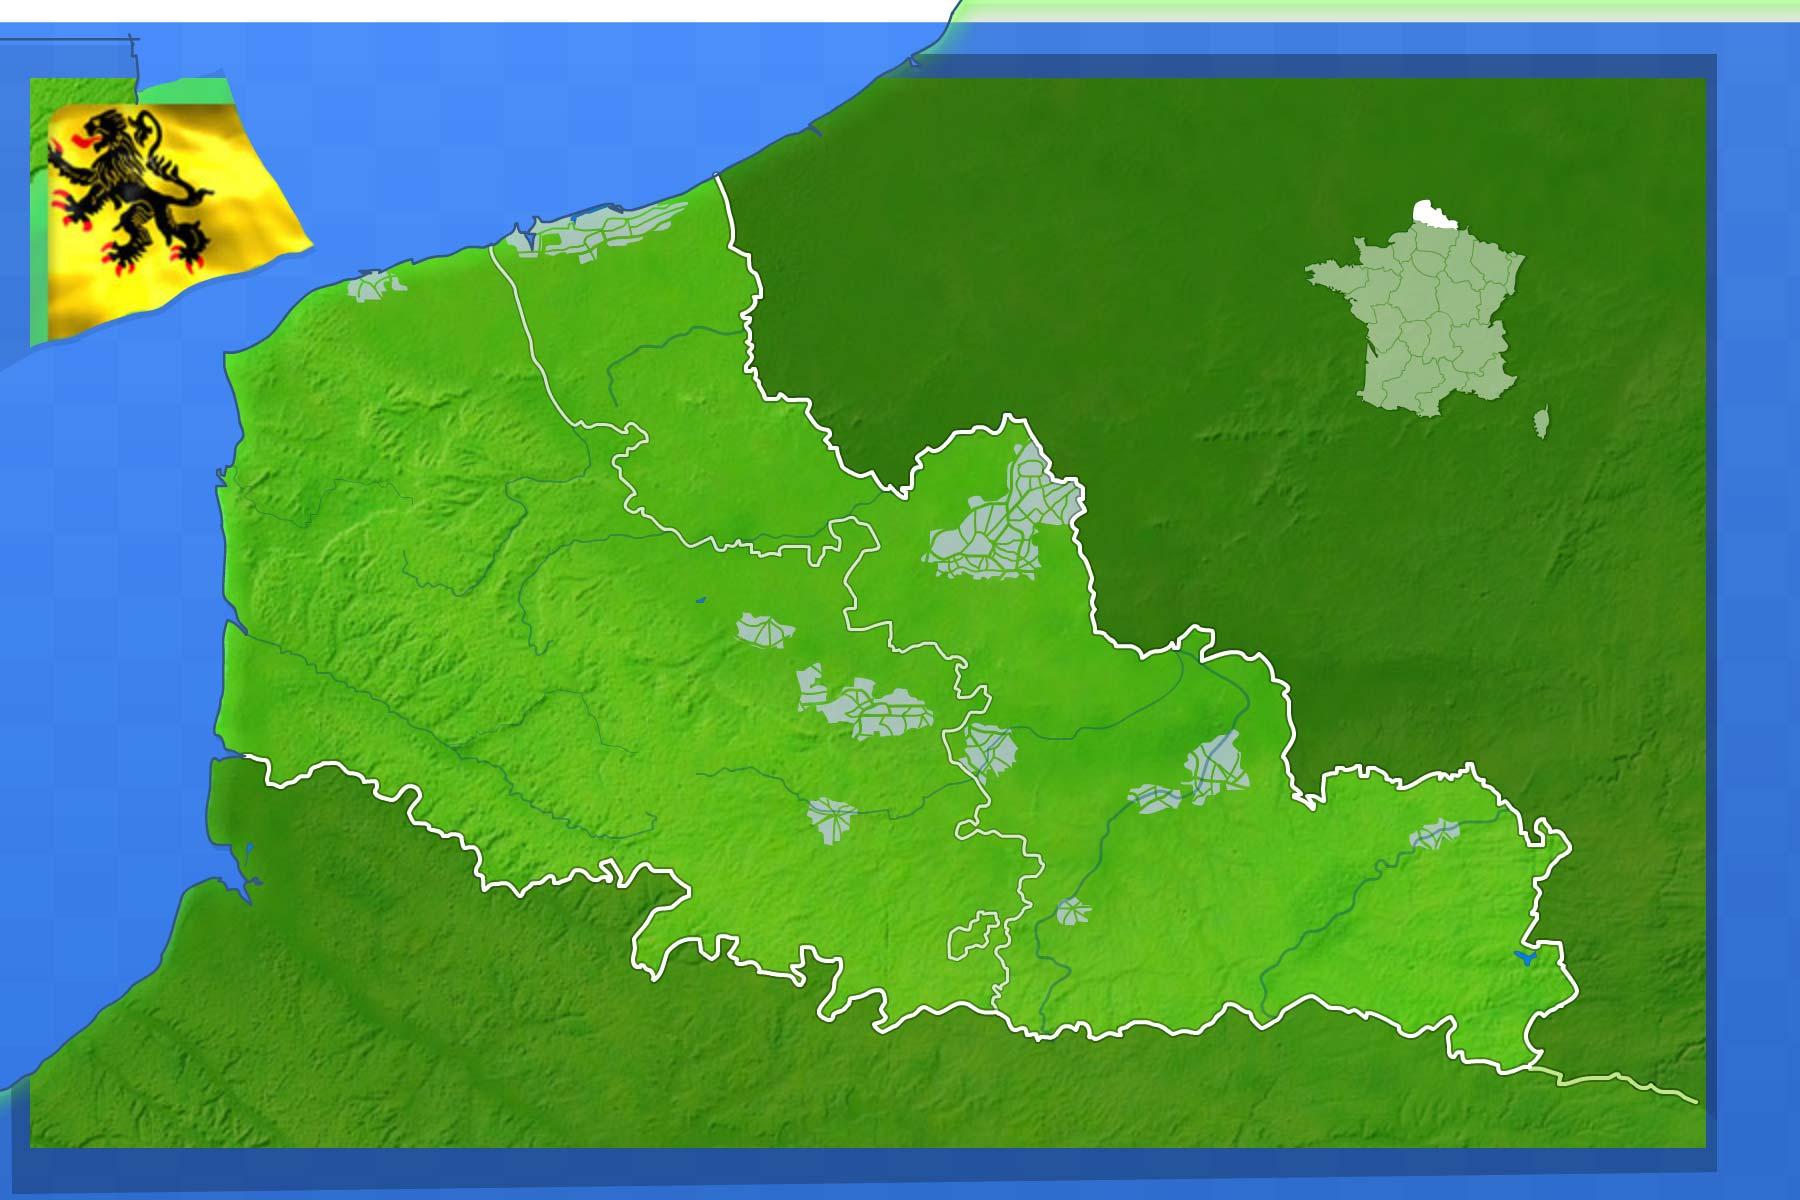 Jeux-Geographiques Jeux Gratuits Villes Du Nord Pas De serapportantà Jeux Geographique Ville De France